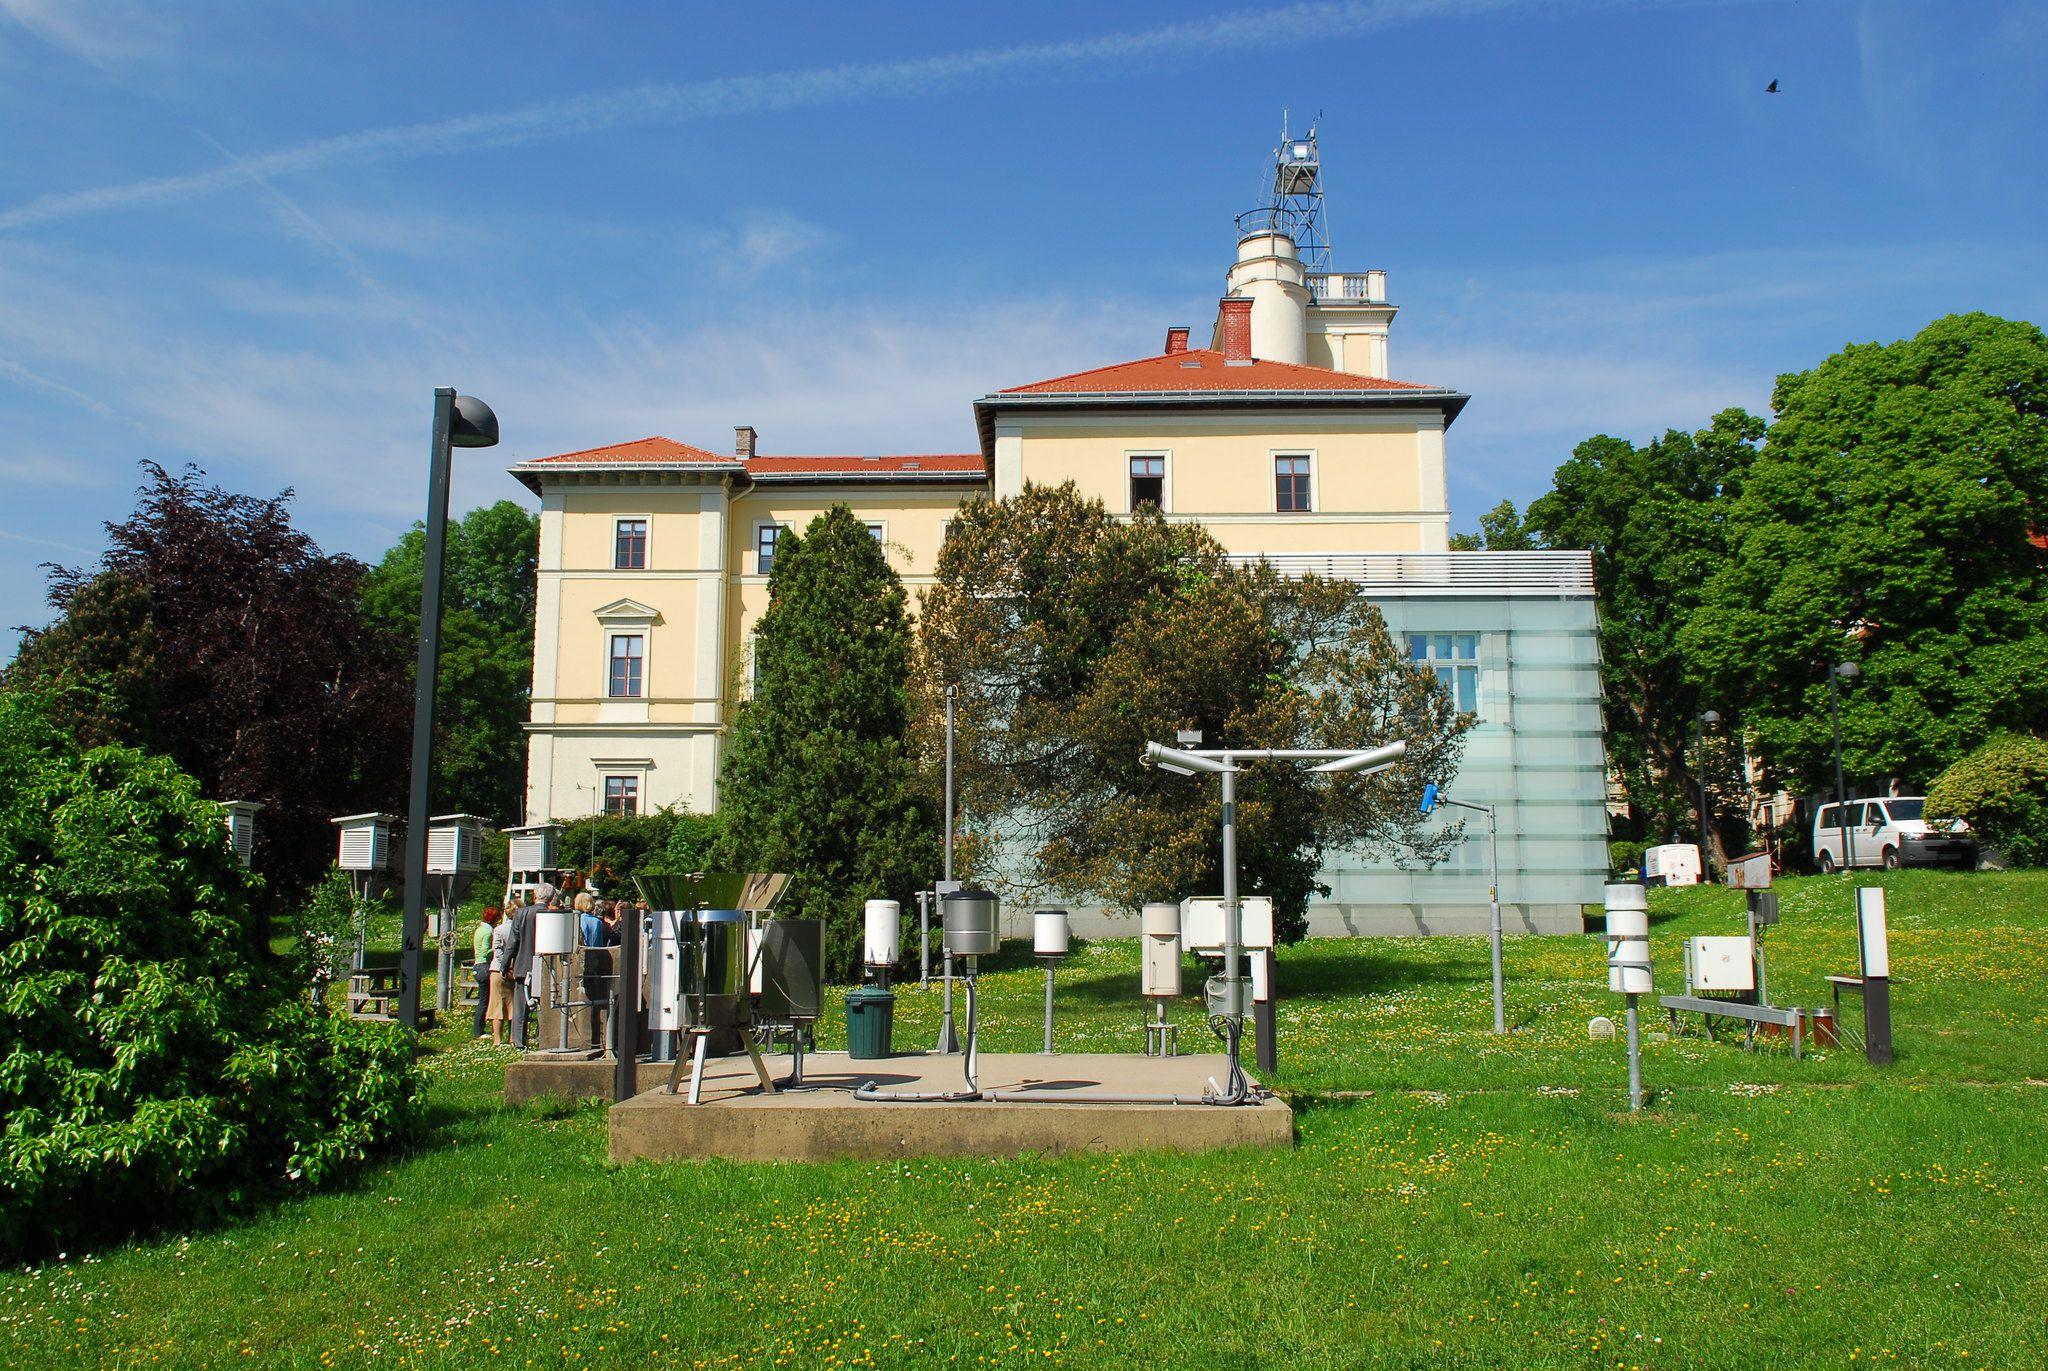 Zentralanstalt für Meteorologie und Geodynamik